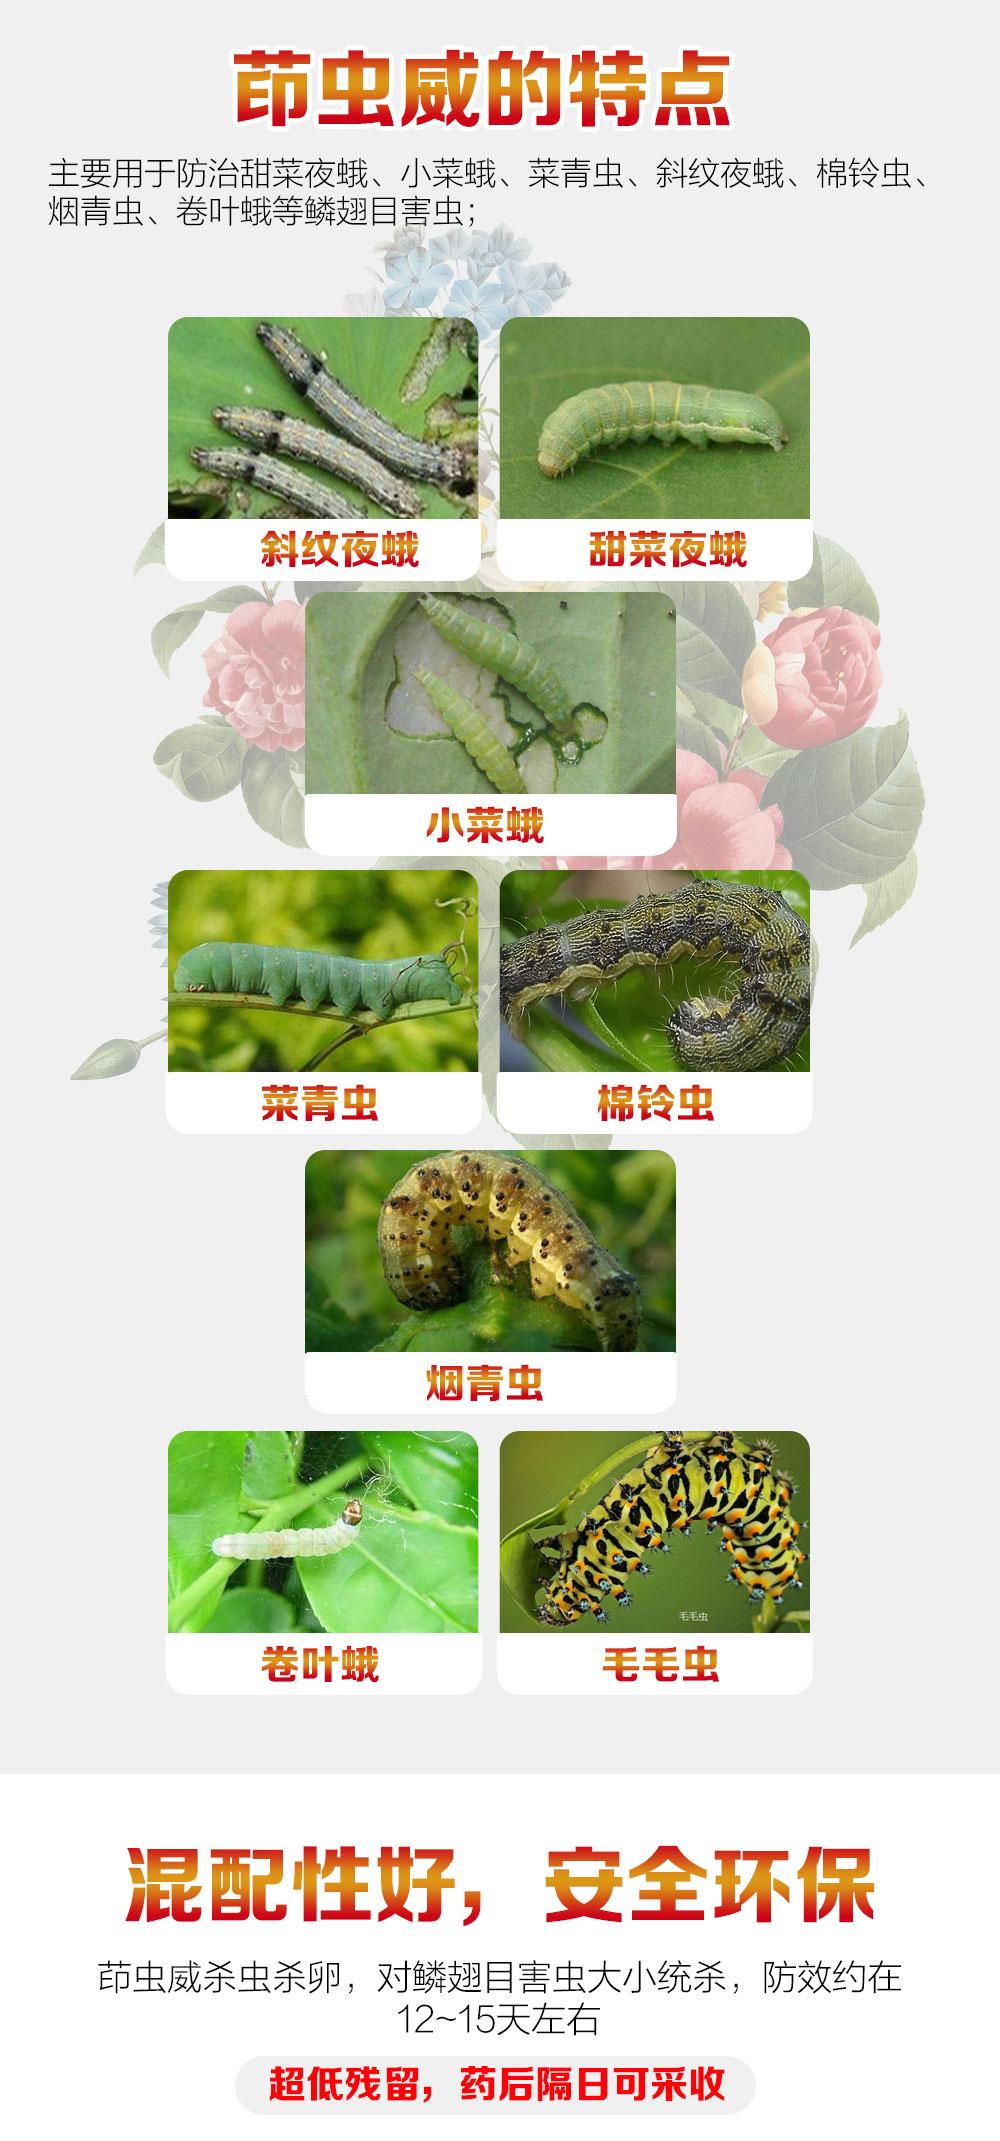 海正五申(15%茚虫威)商详_02.jpg